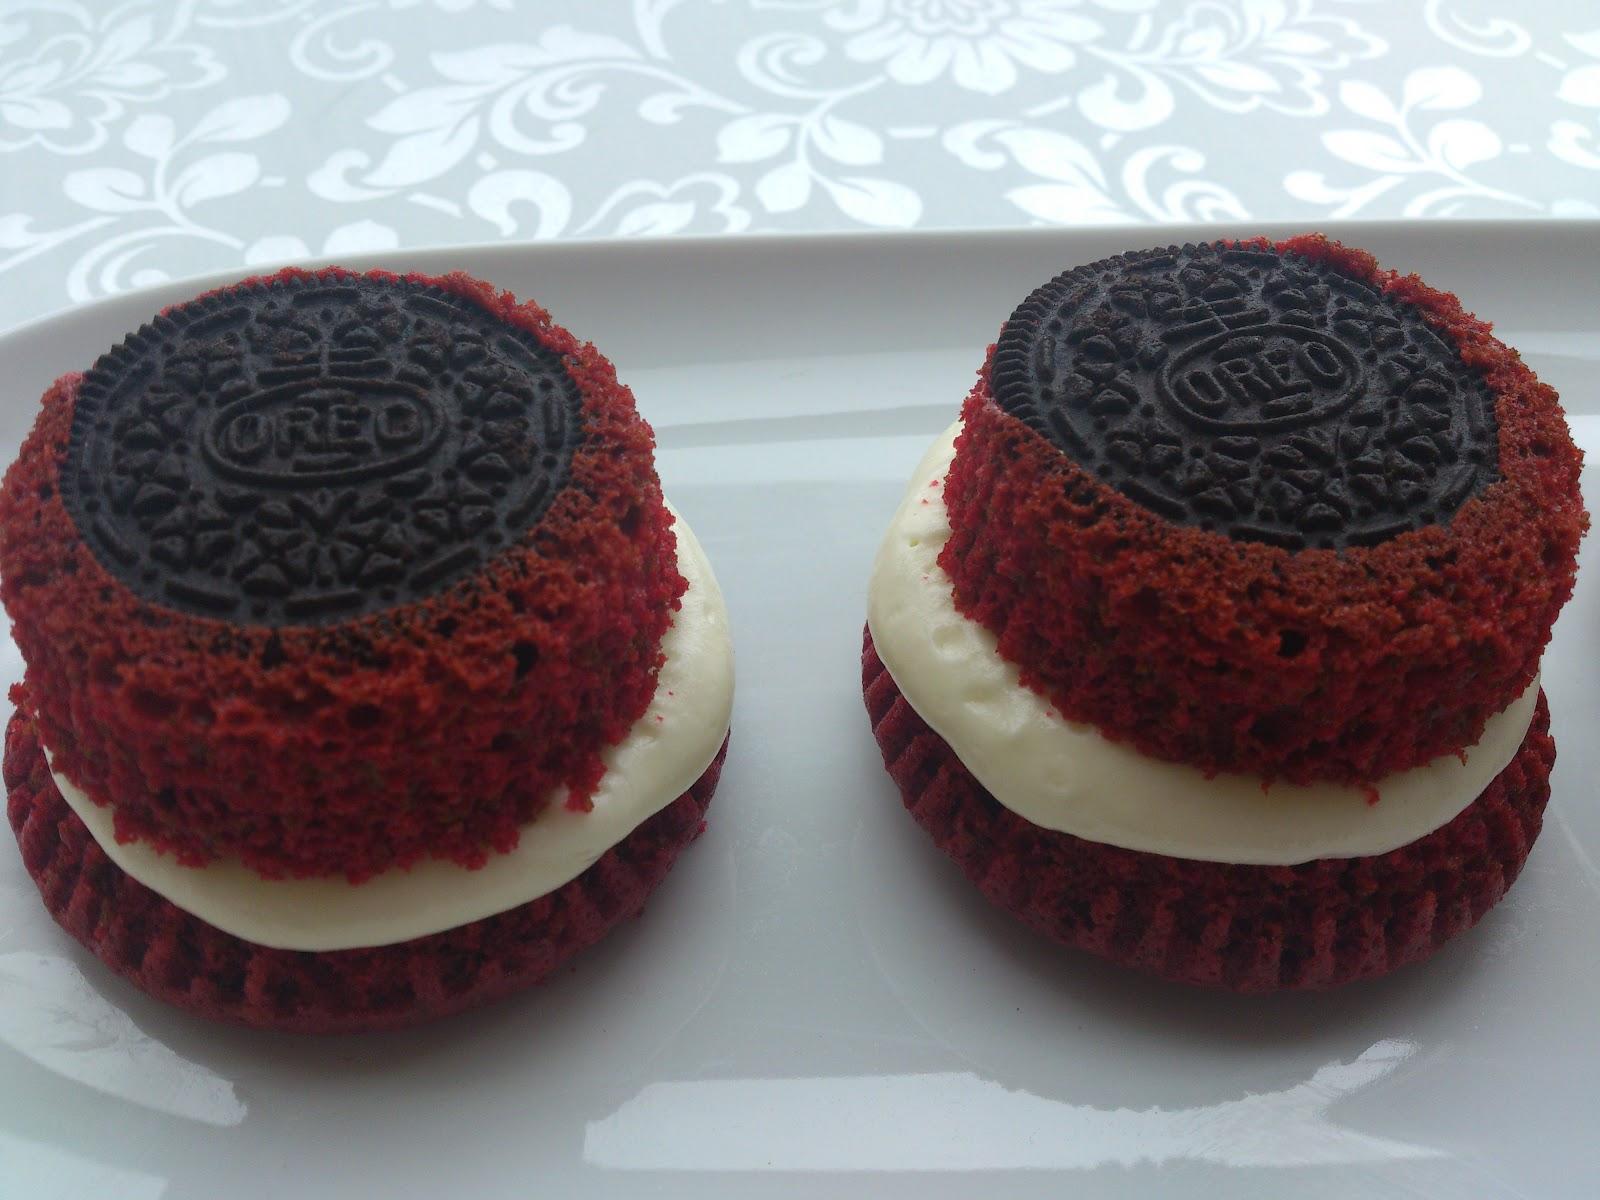 Oreo red velvet cupcakes unos cupcakes sui generis - Tarta red velvet alma obregon ...